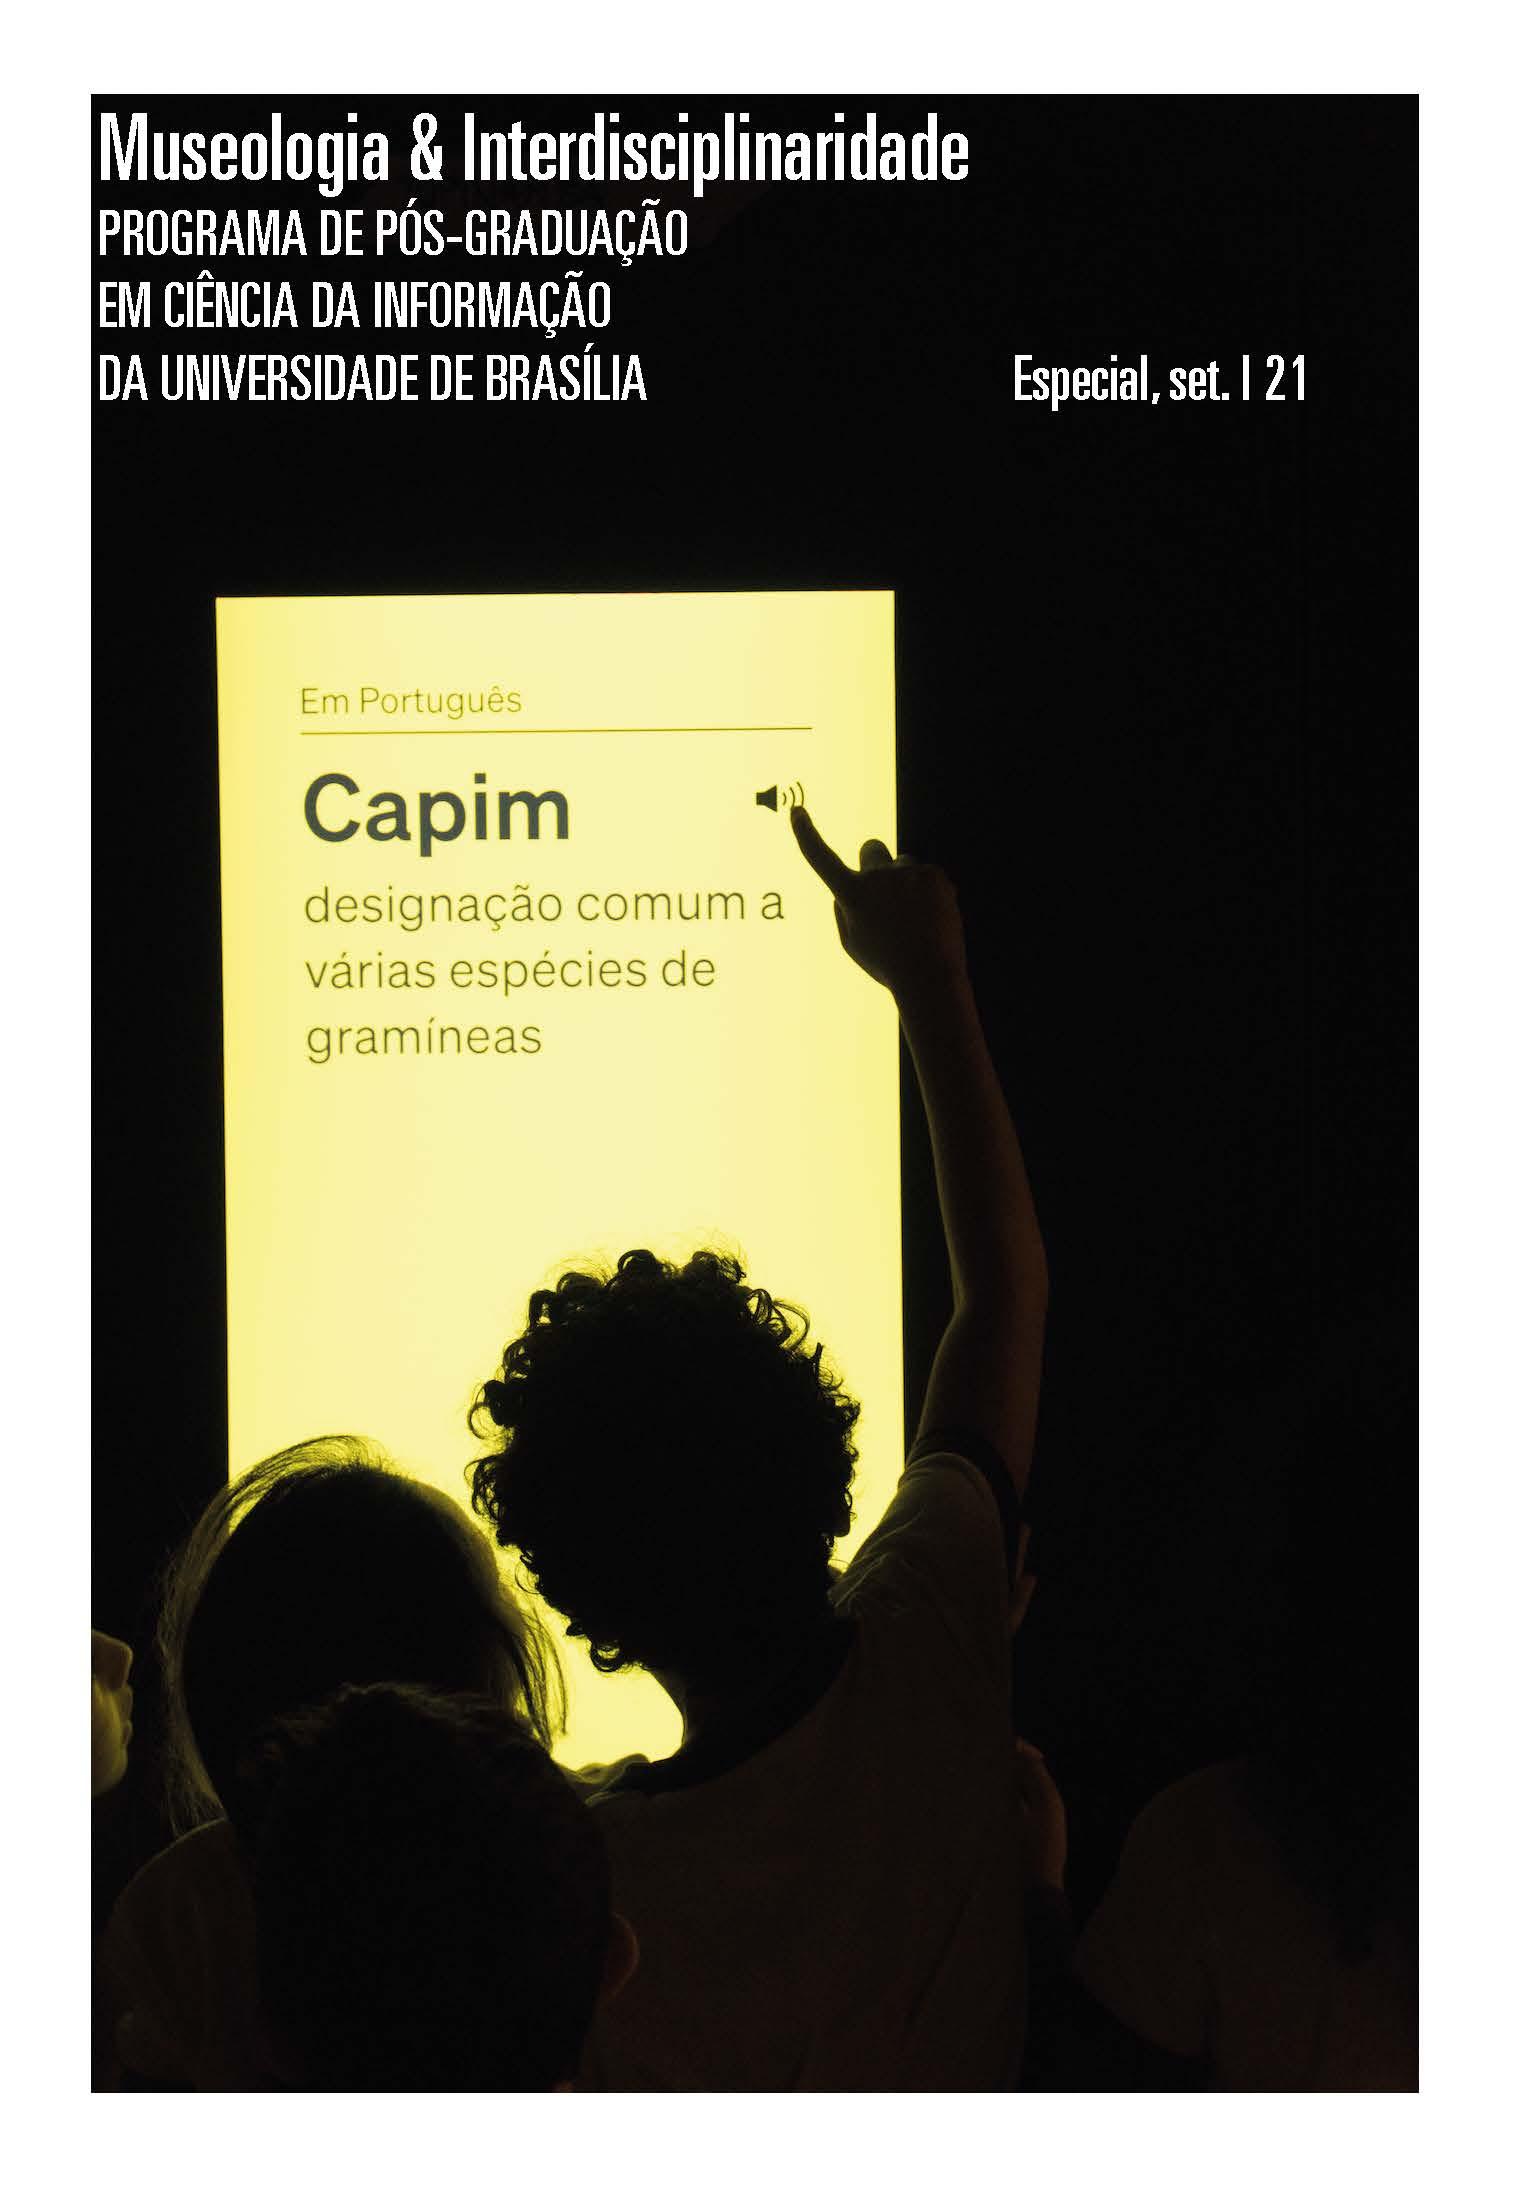 Museu da Língua Portuguesa. Foto: Luan Batista Exposição permanente do Museu da Língua Portuguesa. Obra: Instalação Palavras Cruzadas